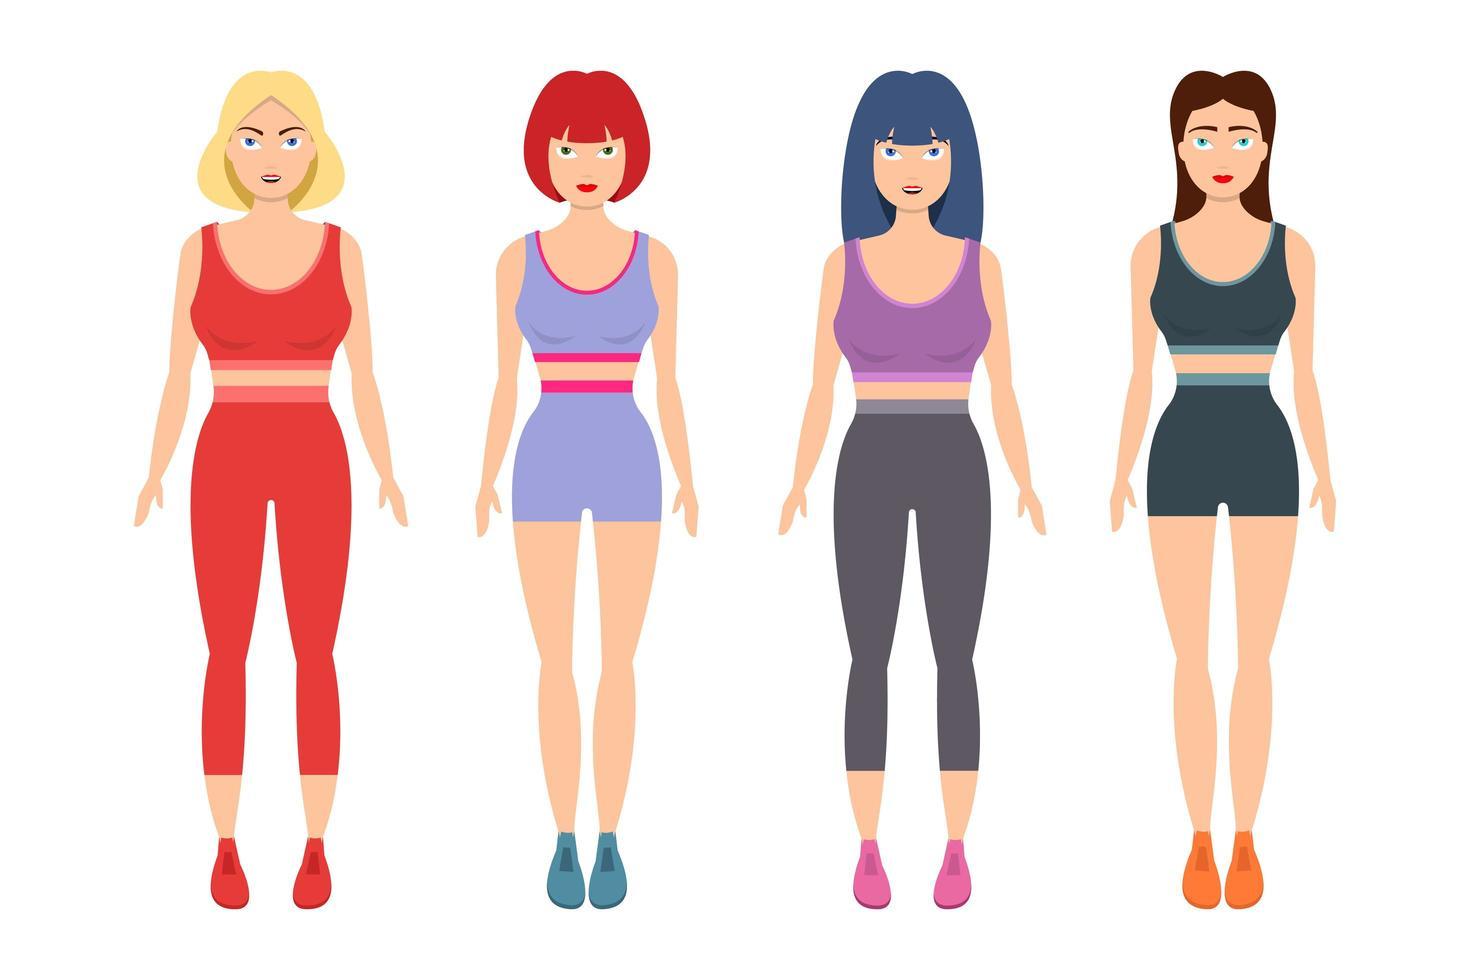 sportiga kvinnor vektor design illustration isolerad på vit bakgrund